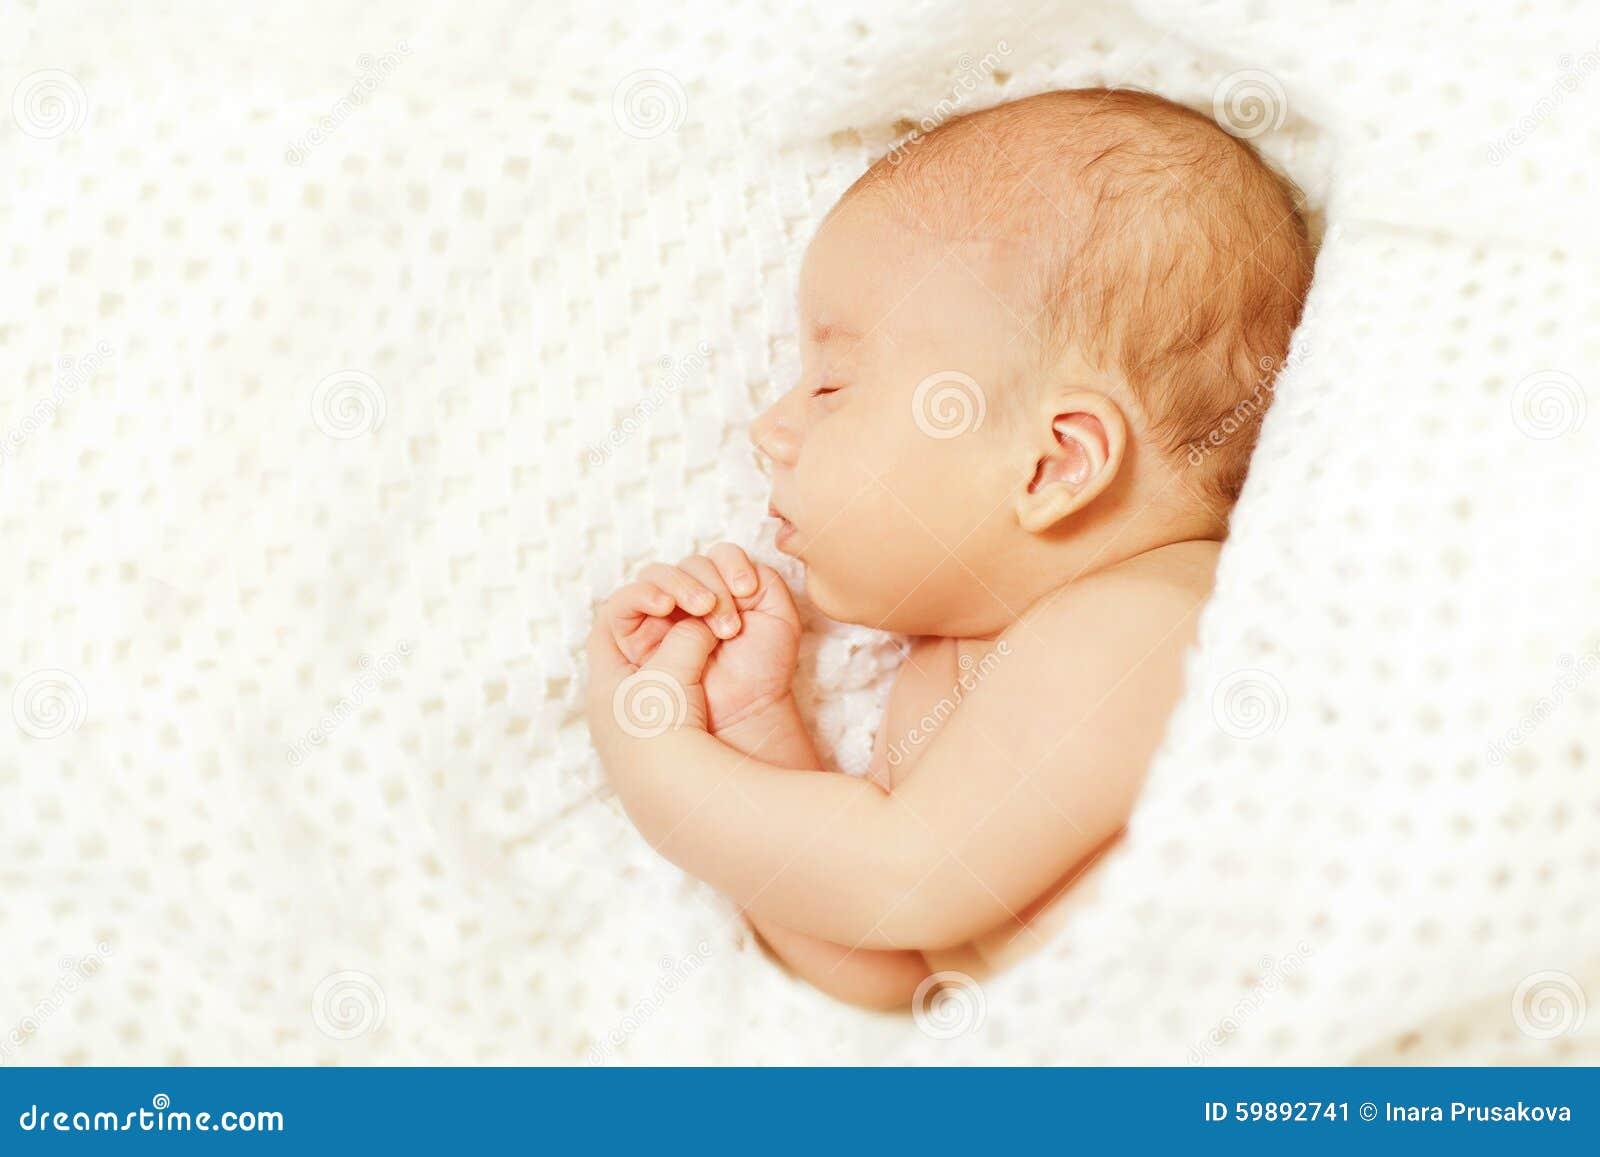 Baby Sleep, New Born Kid Asleep, Newborn Boy Sleeping